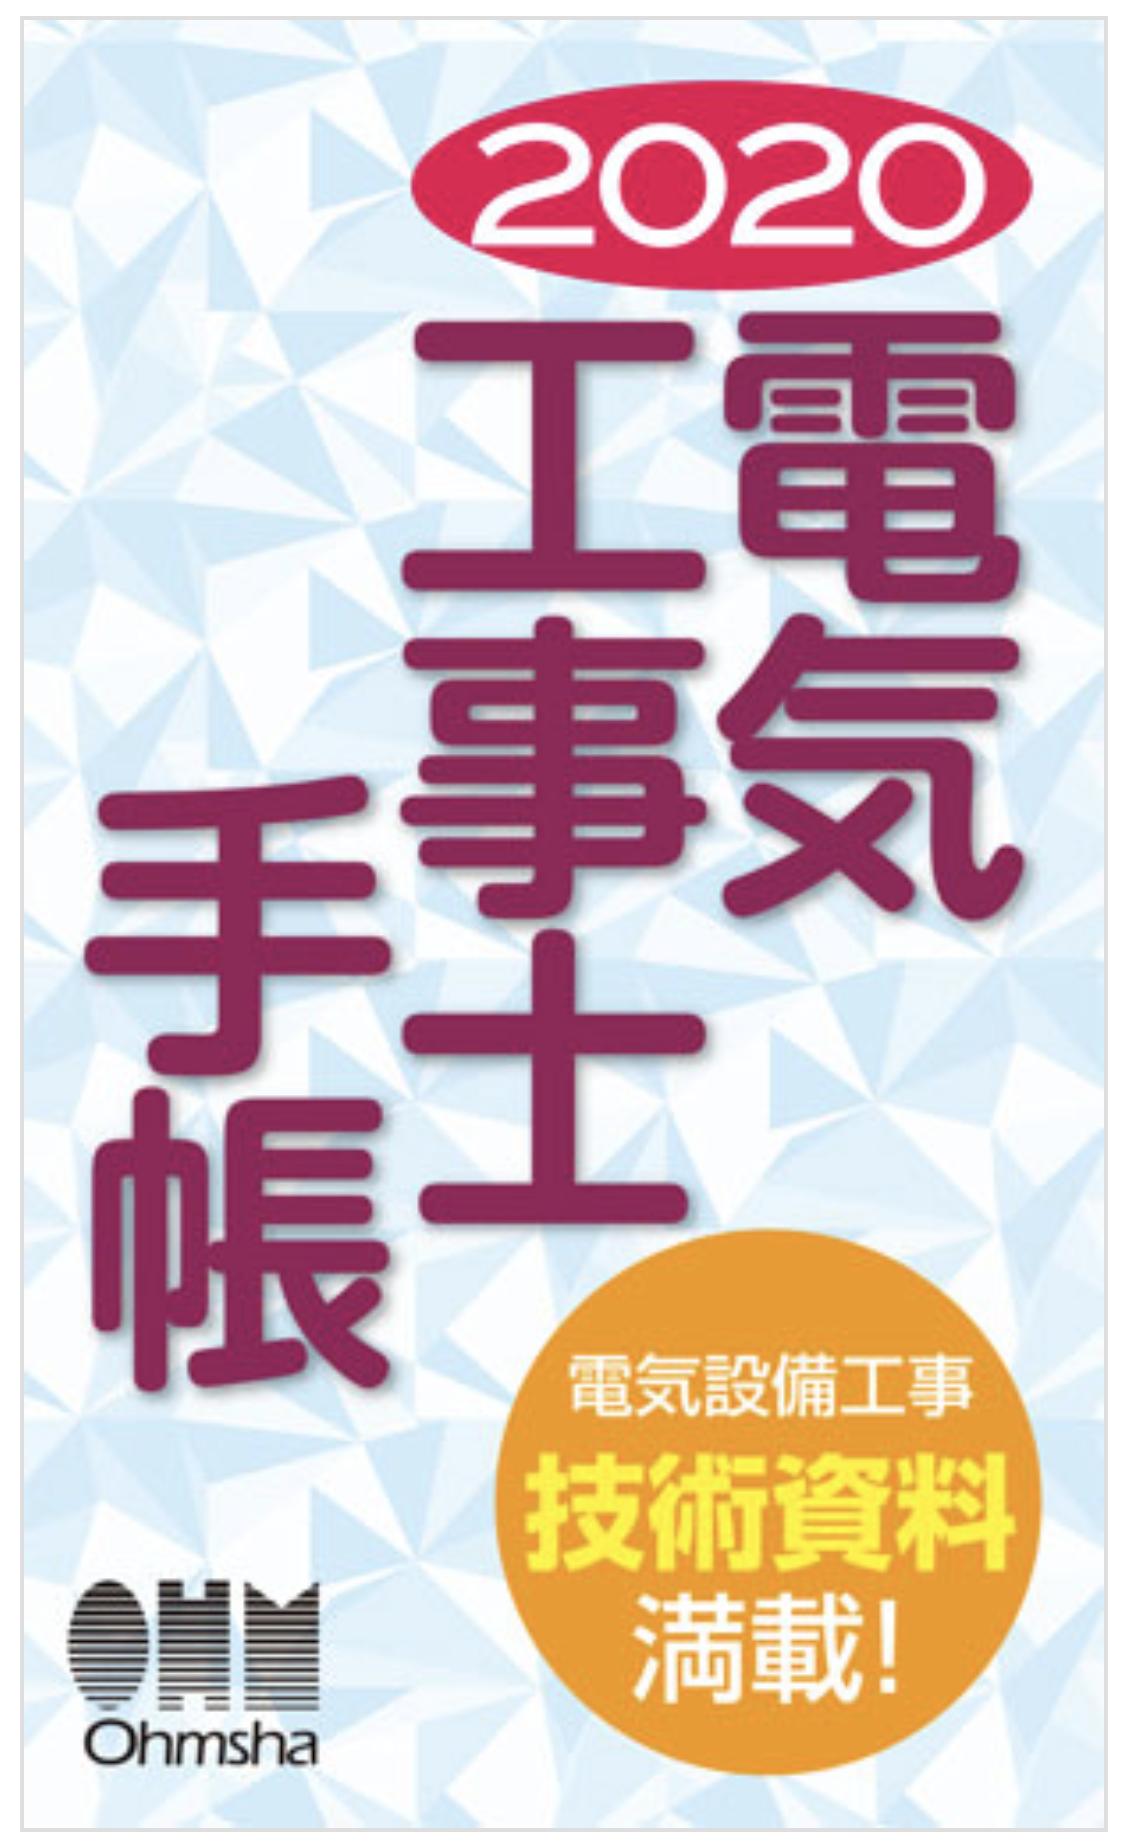 【新刊トピックス 2019年10月】2020年版 電気工事士手帳の画像